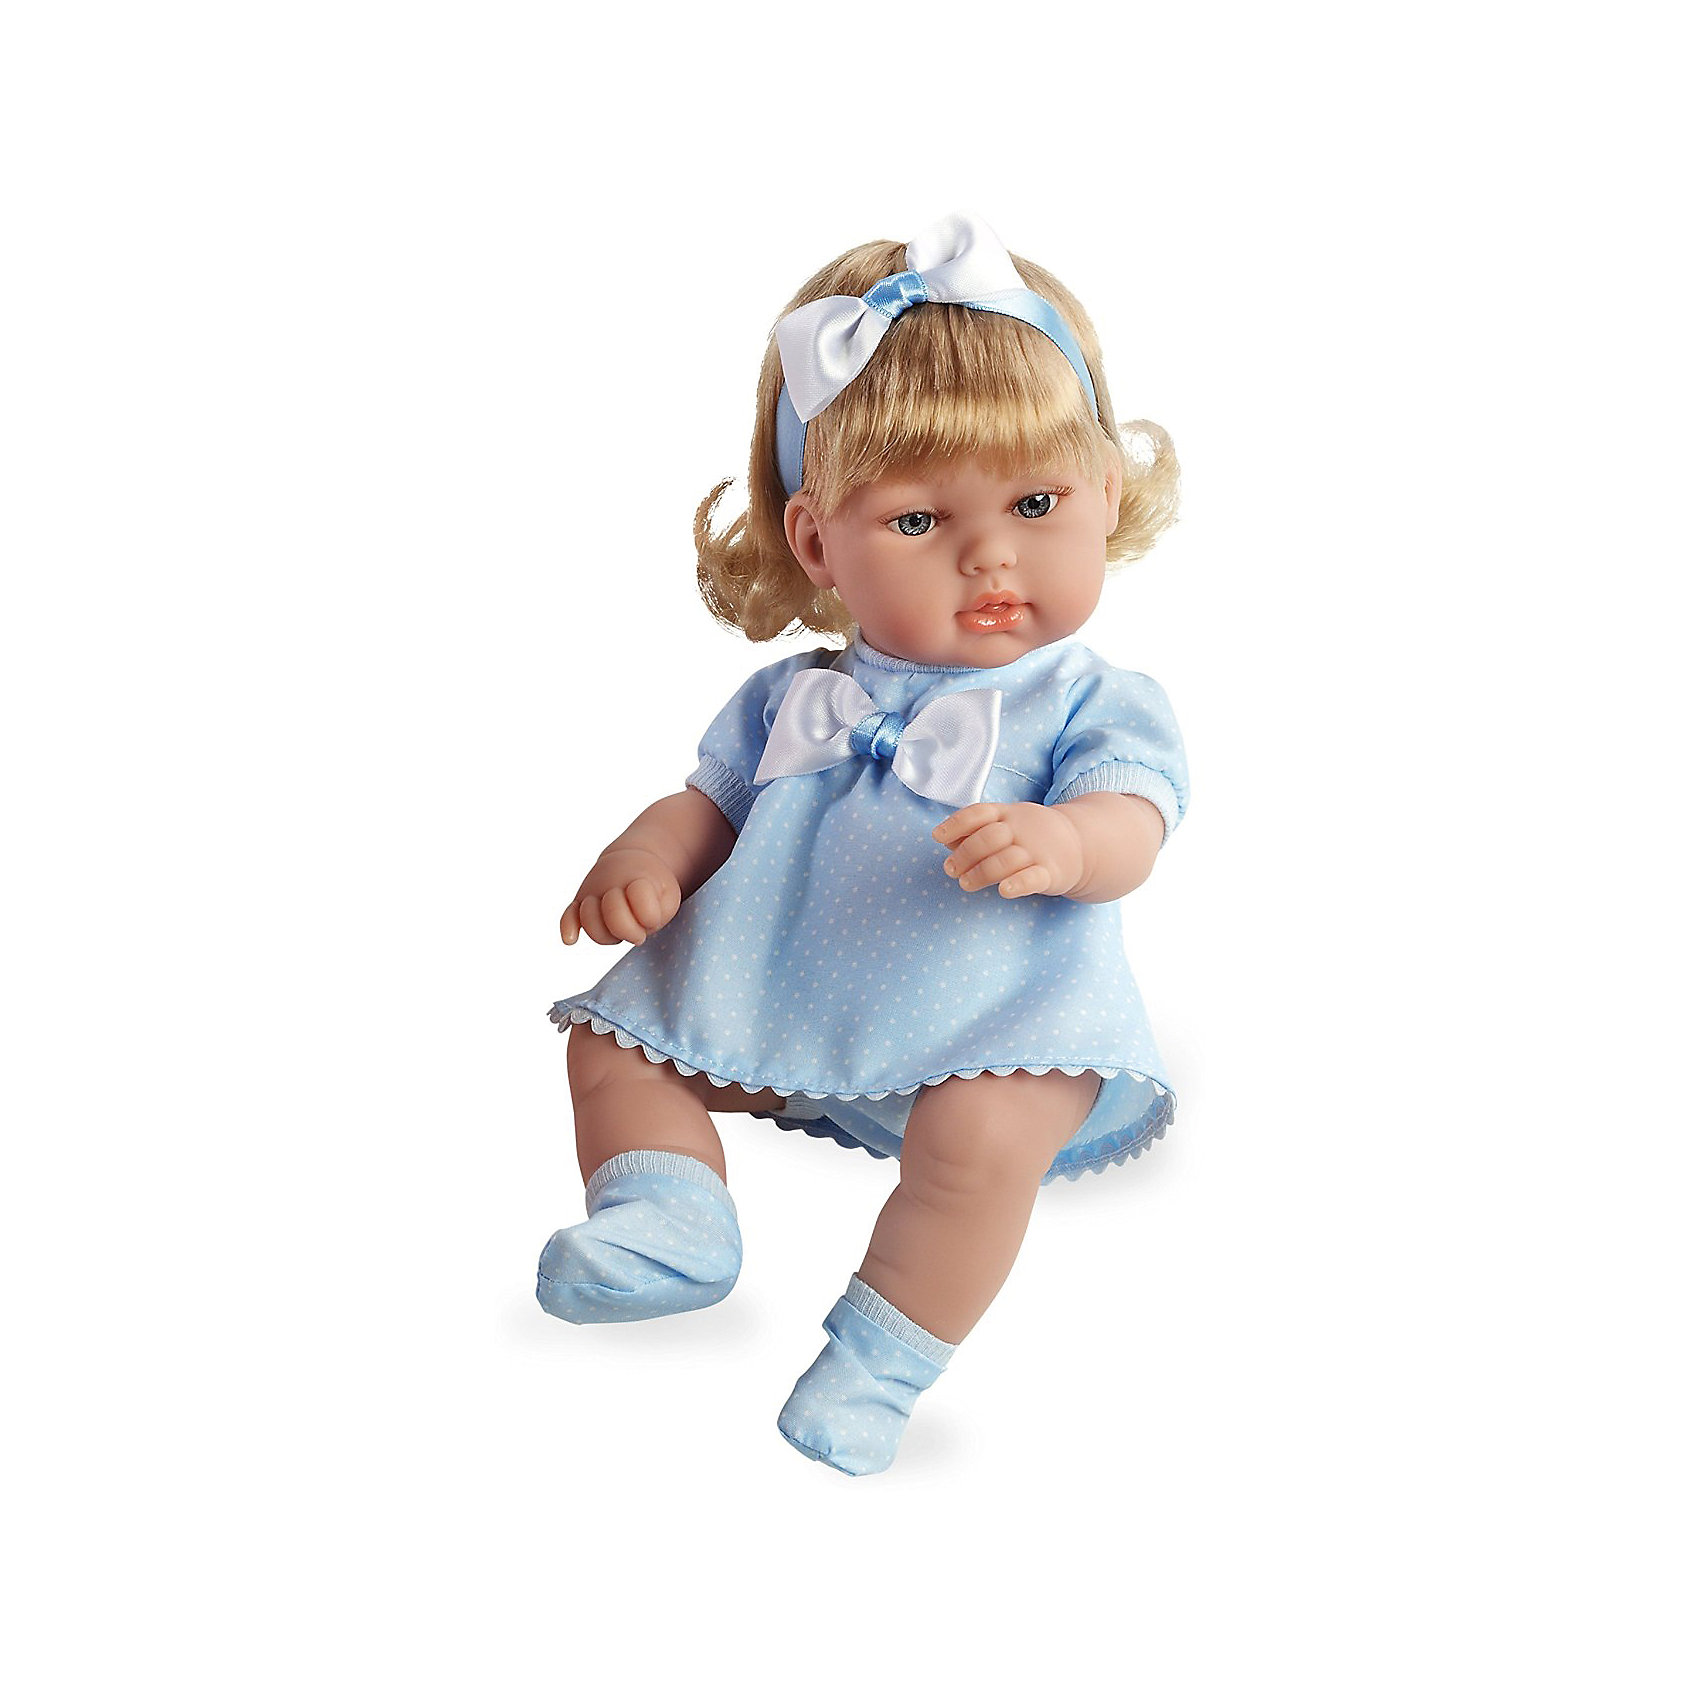 Кукла-блондинка, в голубом платье с бантом, 33см, AriasКлассические куклы<br>Характеристики:<br><br>• Вид игр: сюжетно-ролевые<br>• Пол: для девочек<br>• Коллекция: Elegance<br>• Материал: винил, текстиль, нейлон<br>• Длина пупса: 33 см<br>• Комплектация: кукла, платье, пинетки, повязка на волосы<br>• Подвижные ручки и ножки <br>• Вес в упаковке: 1 кг 660 г<br>• Размеры упаковки (Г*Ш*В): 40,5*14*24 см<br>• Упаковка: картонная коробка<br>• Особенности ухода: куклу можно купать, одежда – ручная стирка<br><br>Кукла-блондинка, в голубом платье с бантом, 33см, Arias изготовлена известным испанским торговым предприятием Munecas, который специализируется на выпуске кукол и пупсов. Пупсы и куклы Arias с высокой степенью достоверности повторяют облик маленьких детей, благодаря мельчайшим деталям внешнего вида и одежды игрушки выглядят мило и очаровательно. Кукла выполнена из винила, у нее подвижные ручки и ножки, четко прорисованные глаза и брови, курносый носик и пухленькие губки. Светлые, слегка завитые, волосы придерживает повязка-бант. Малышка одета в легкое голубое платье в горошек и голубые пинетки. Кукла-блондинка, в голубом платье с бантом, 33см, Arias станет идеальным подарком для девочки к любому празднику.<br><br>Куклу-блондинку, в голубом платье с бантом, 33см, Arias можно купить в нашем интернет-магазине.<br><br>Ширина мм: 405<br>Глубина мм: 140<br>Высота мм: 240<br>Вес г: 983<br>Возраст от месяцев: 36<br>Возраст до месяцев: 120<br>Пол: Женский<br>Возраст: Детский<br>SKU: 5355550